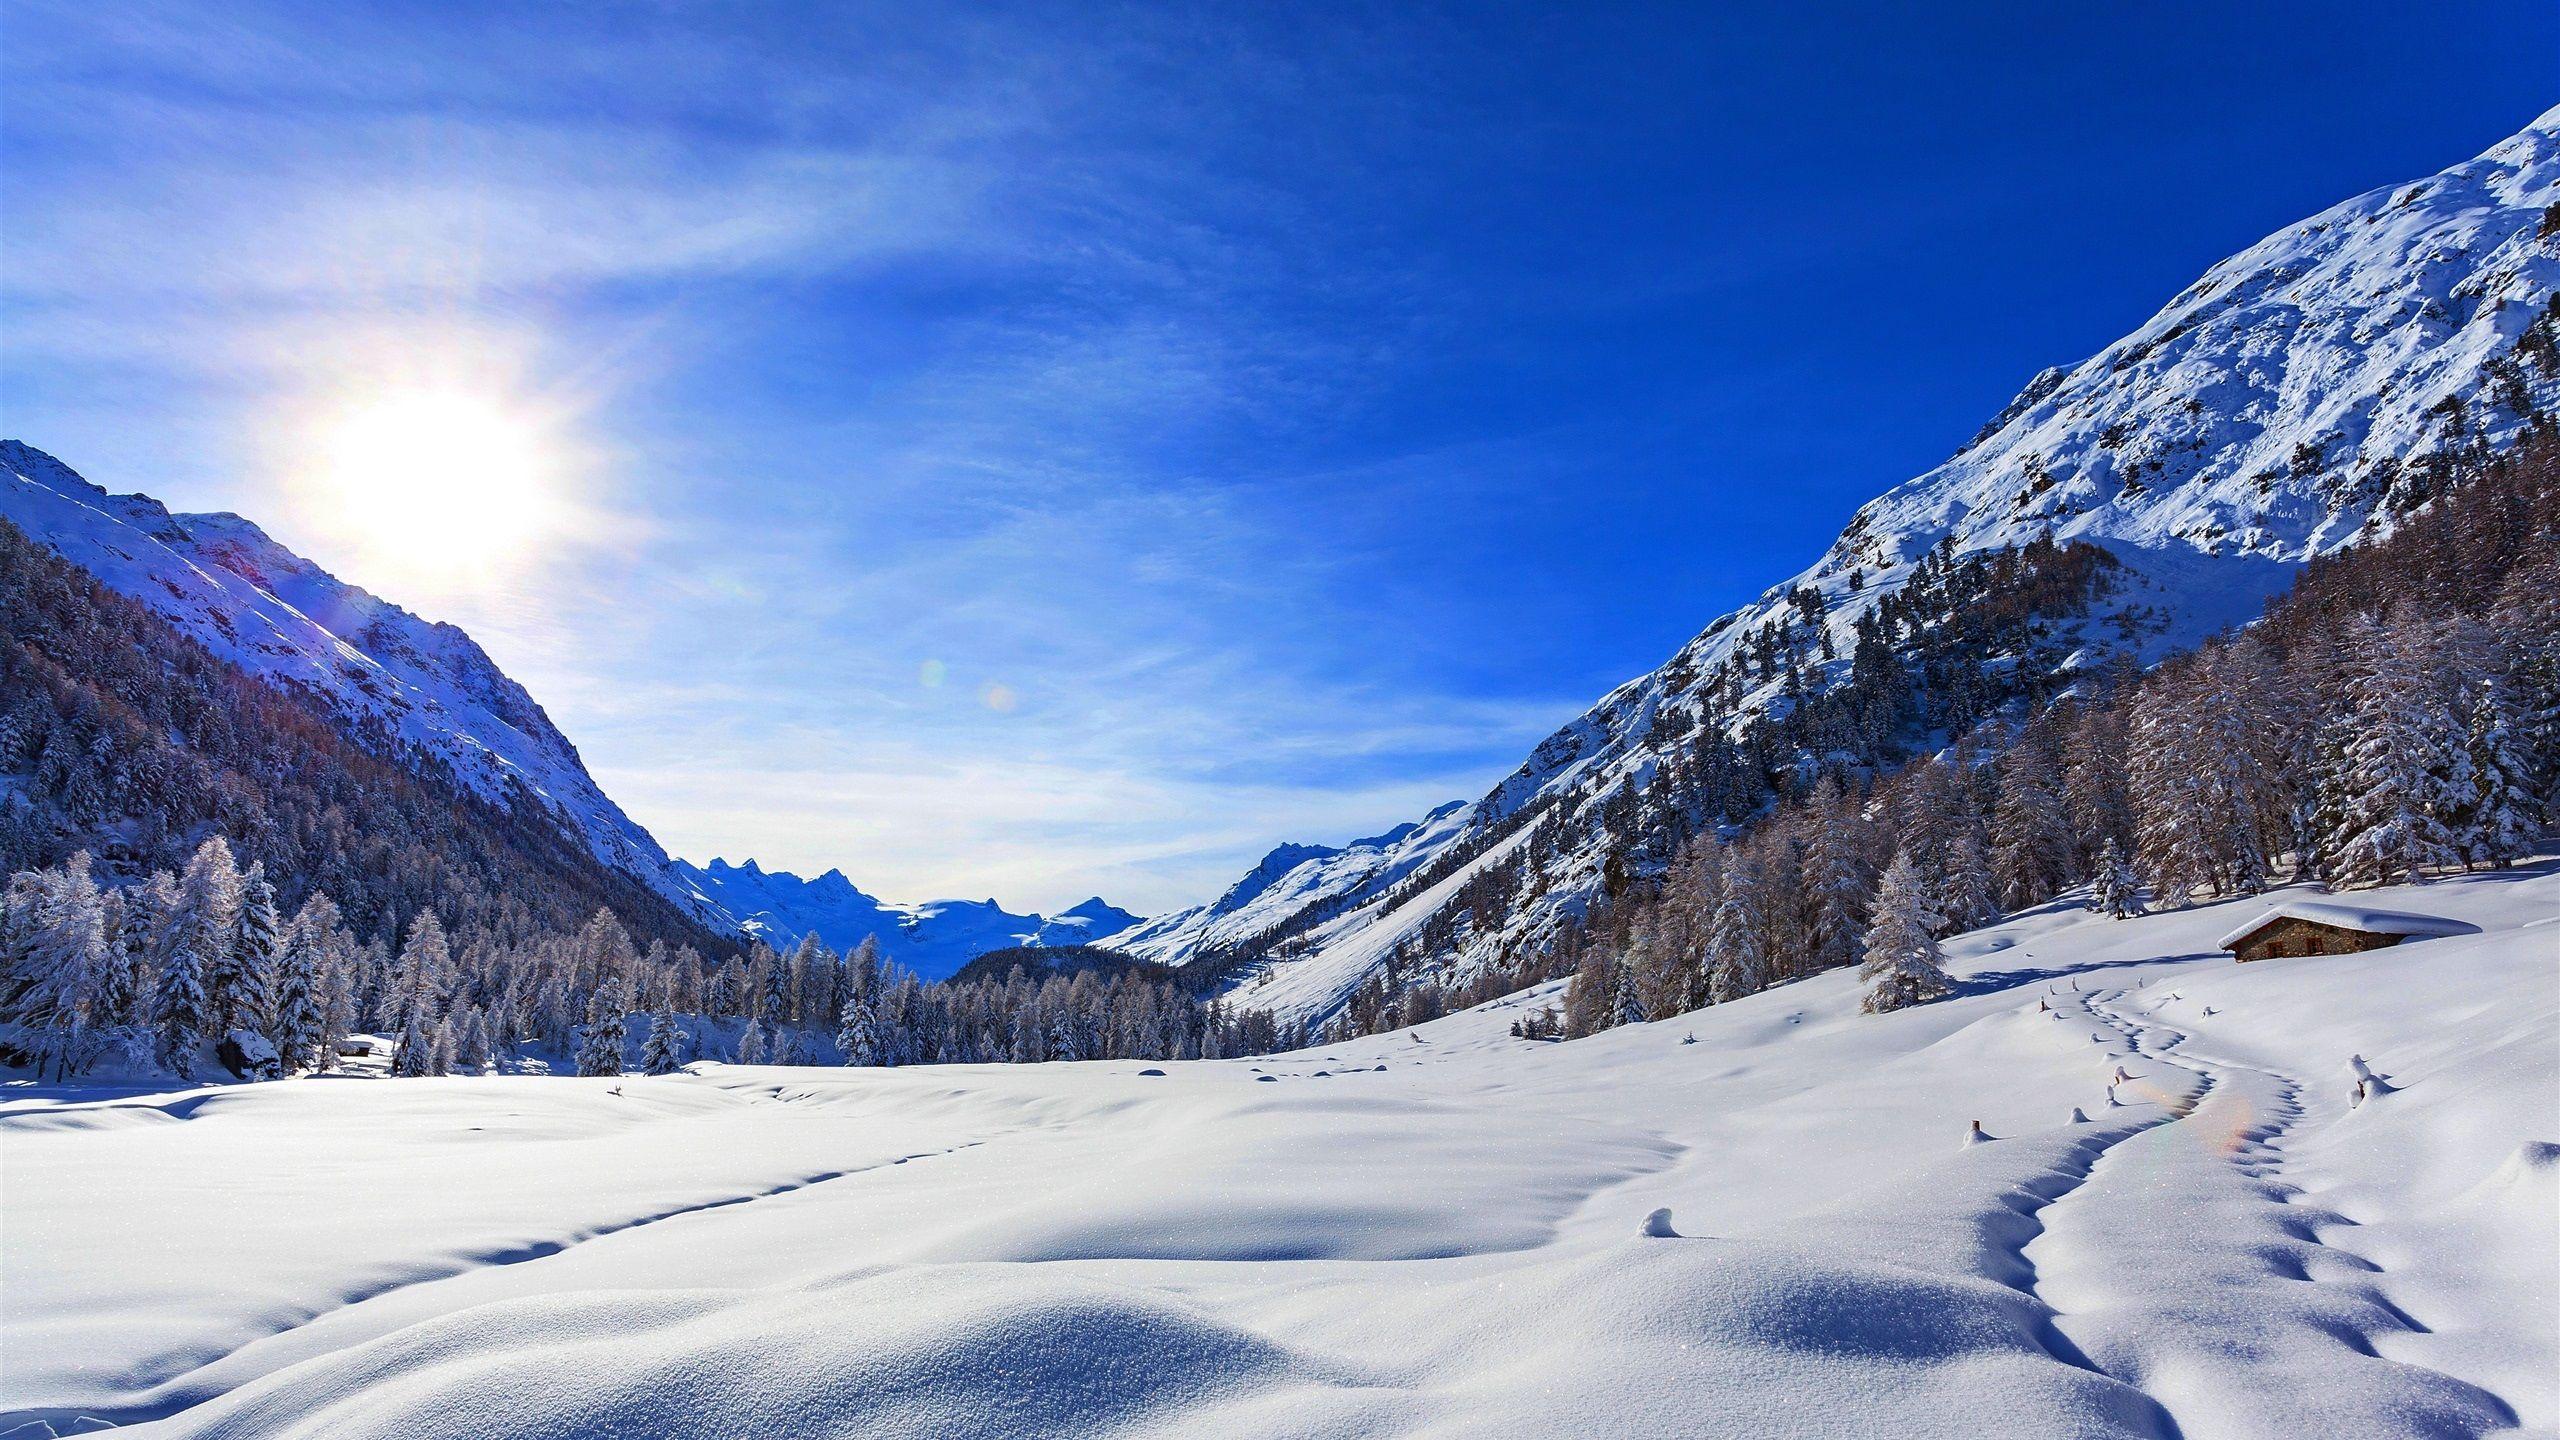 Montagnes Hiver Neige Ciel Bleu Les Arbres Le Soleil